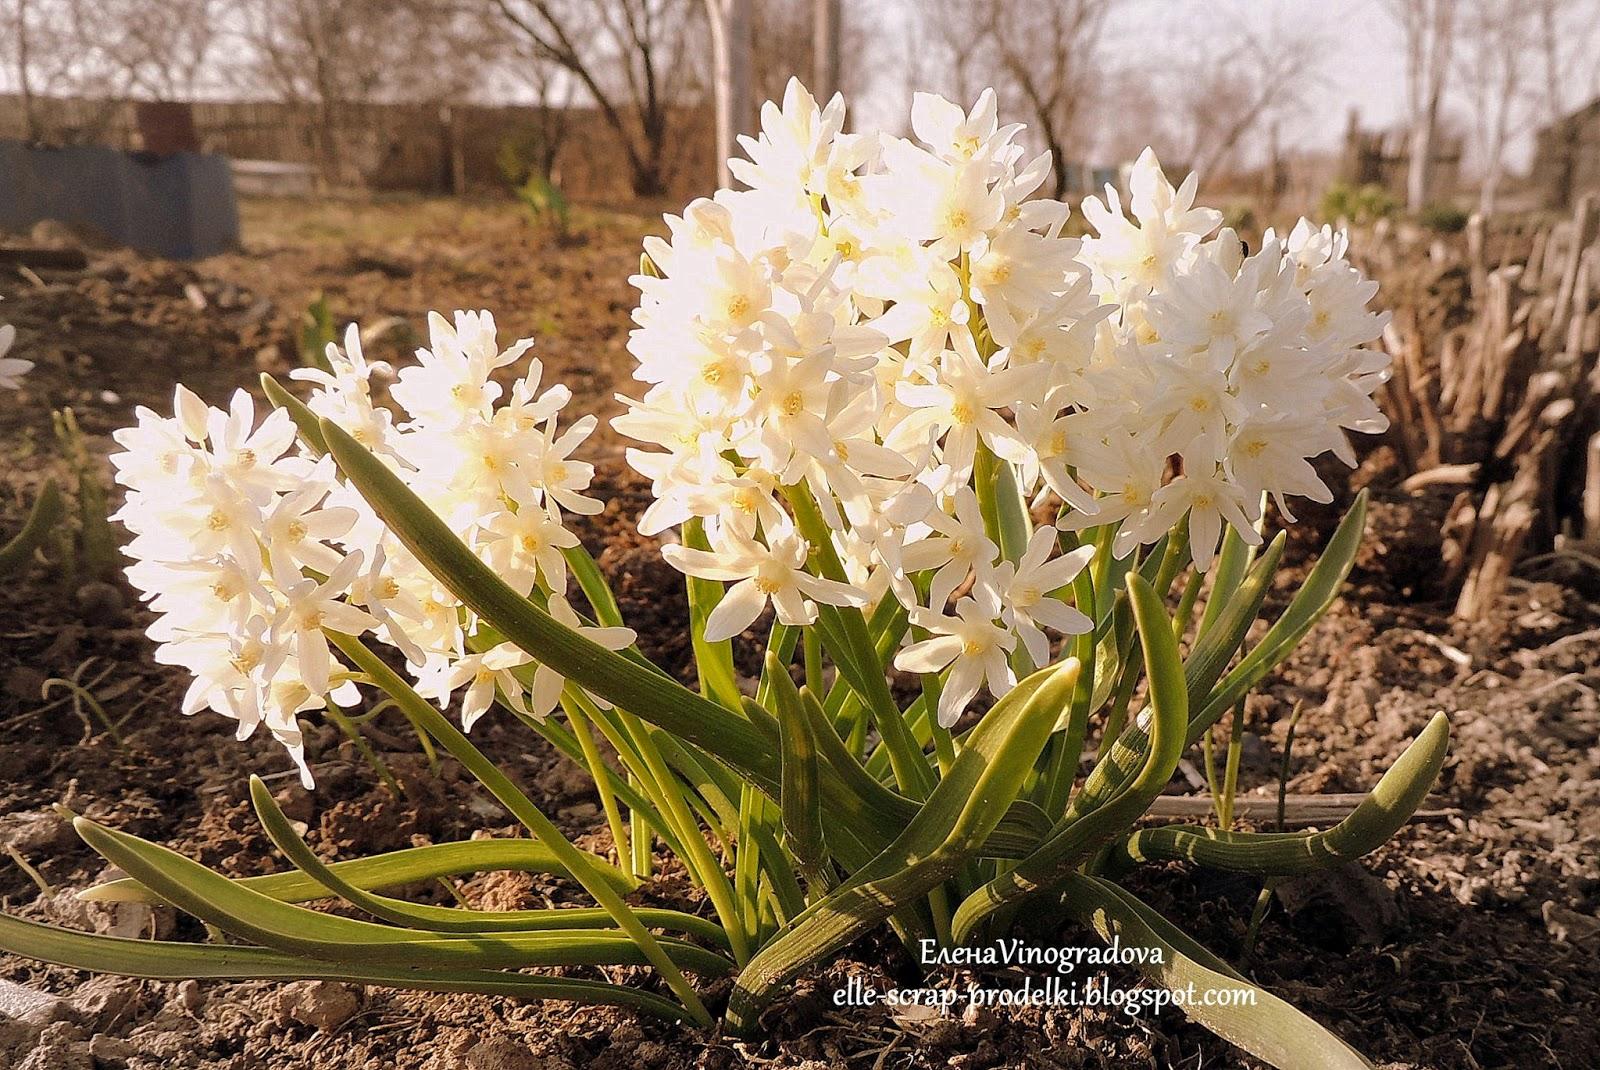 ЕленаVinogradova. Цветы нашего сада #5